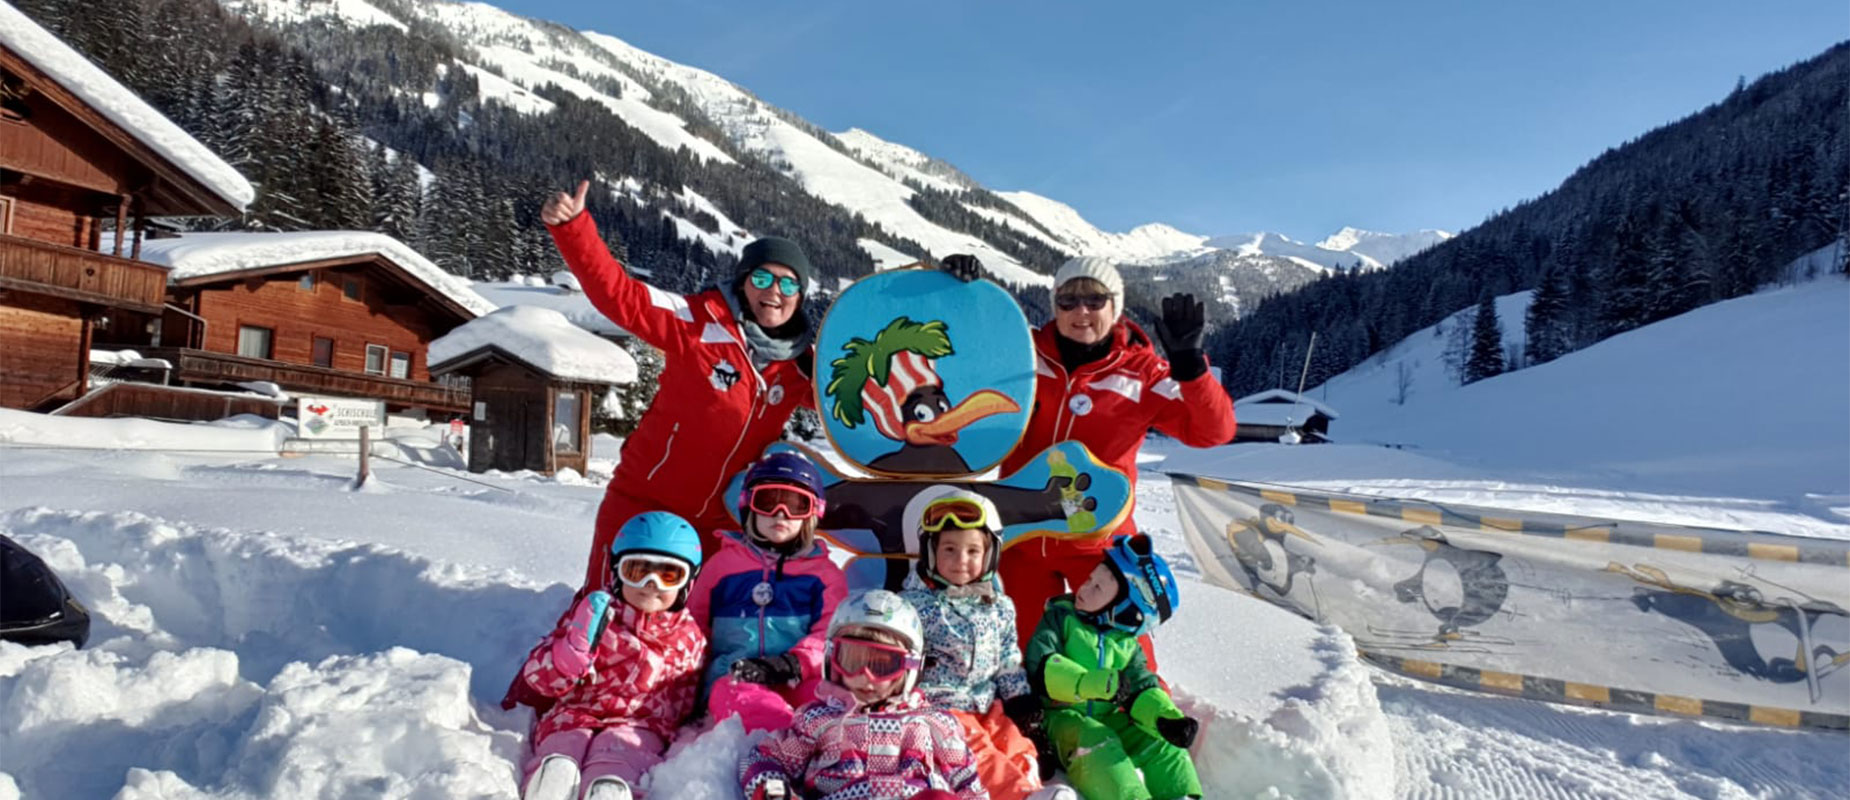 EFA_diario #10: Alpbach Gegenseitiges Kennenlernen